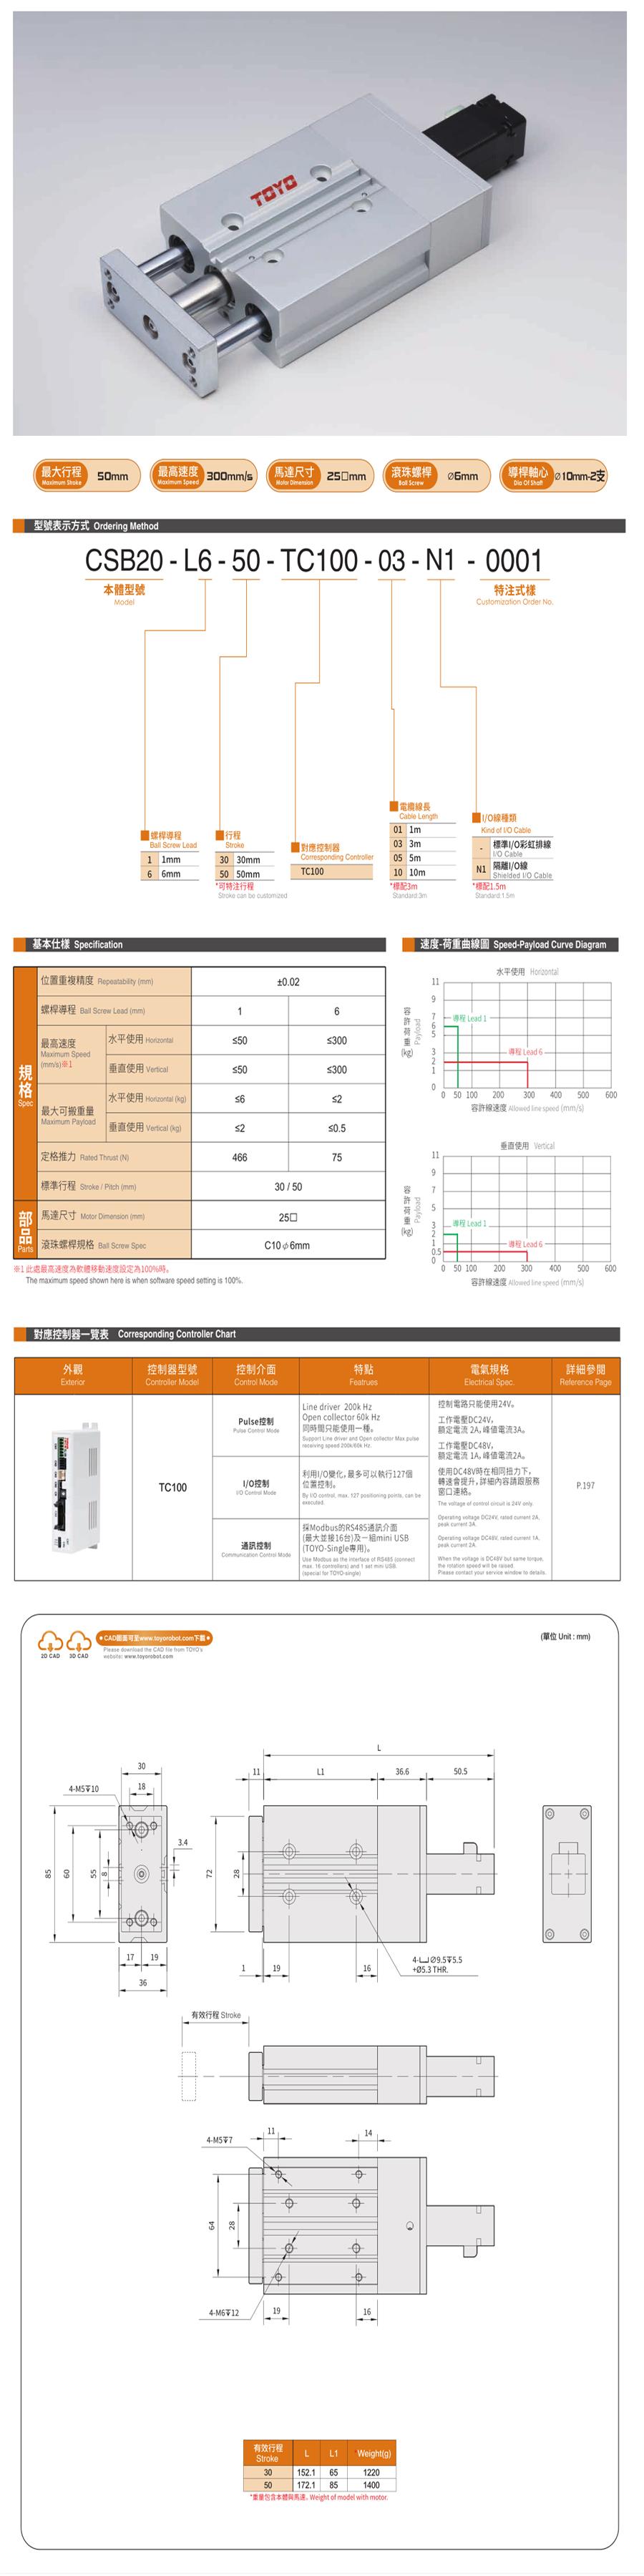 TOYO微型电动缸CSB20